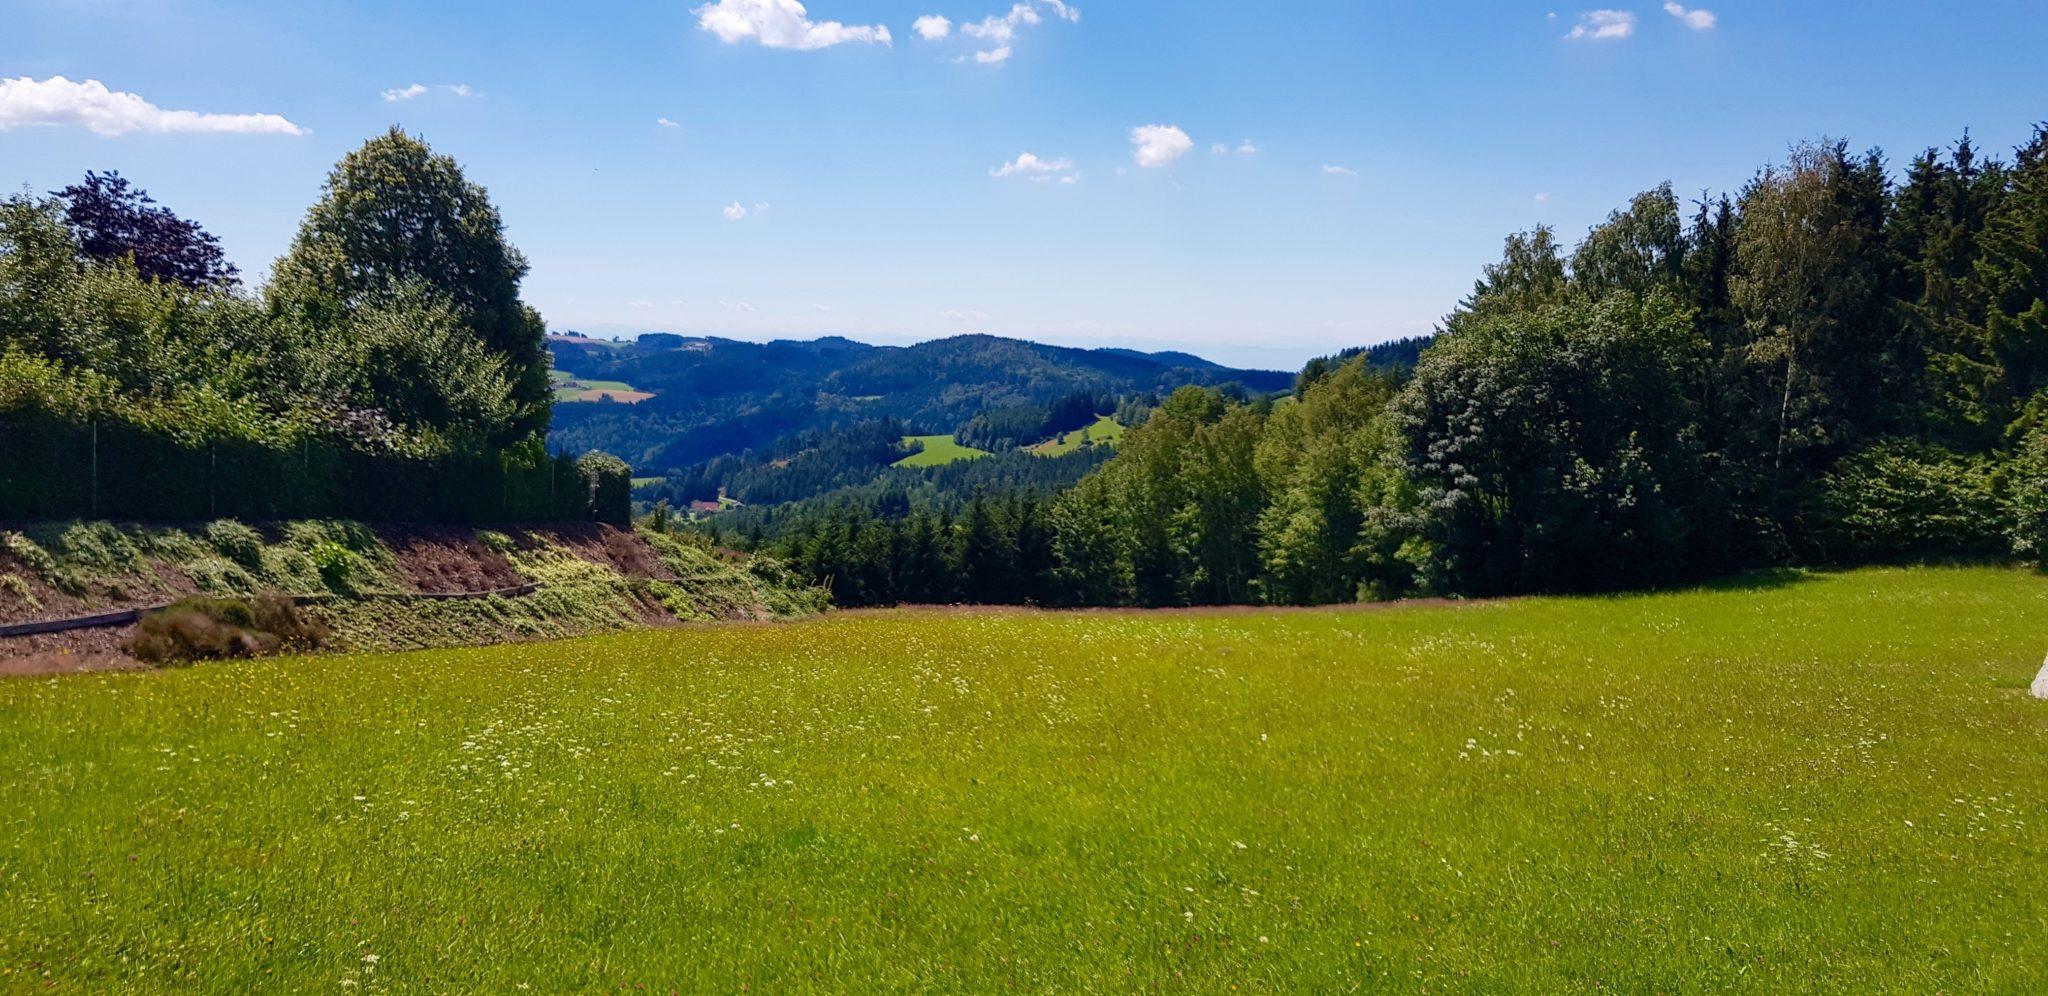 reiten, Pferde Österreich pilgern Mühlviertel Alm Berge